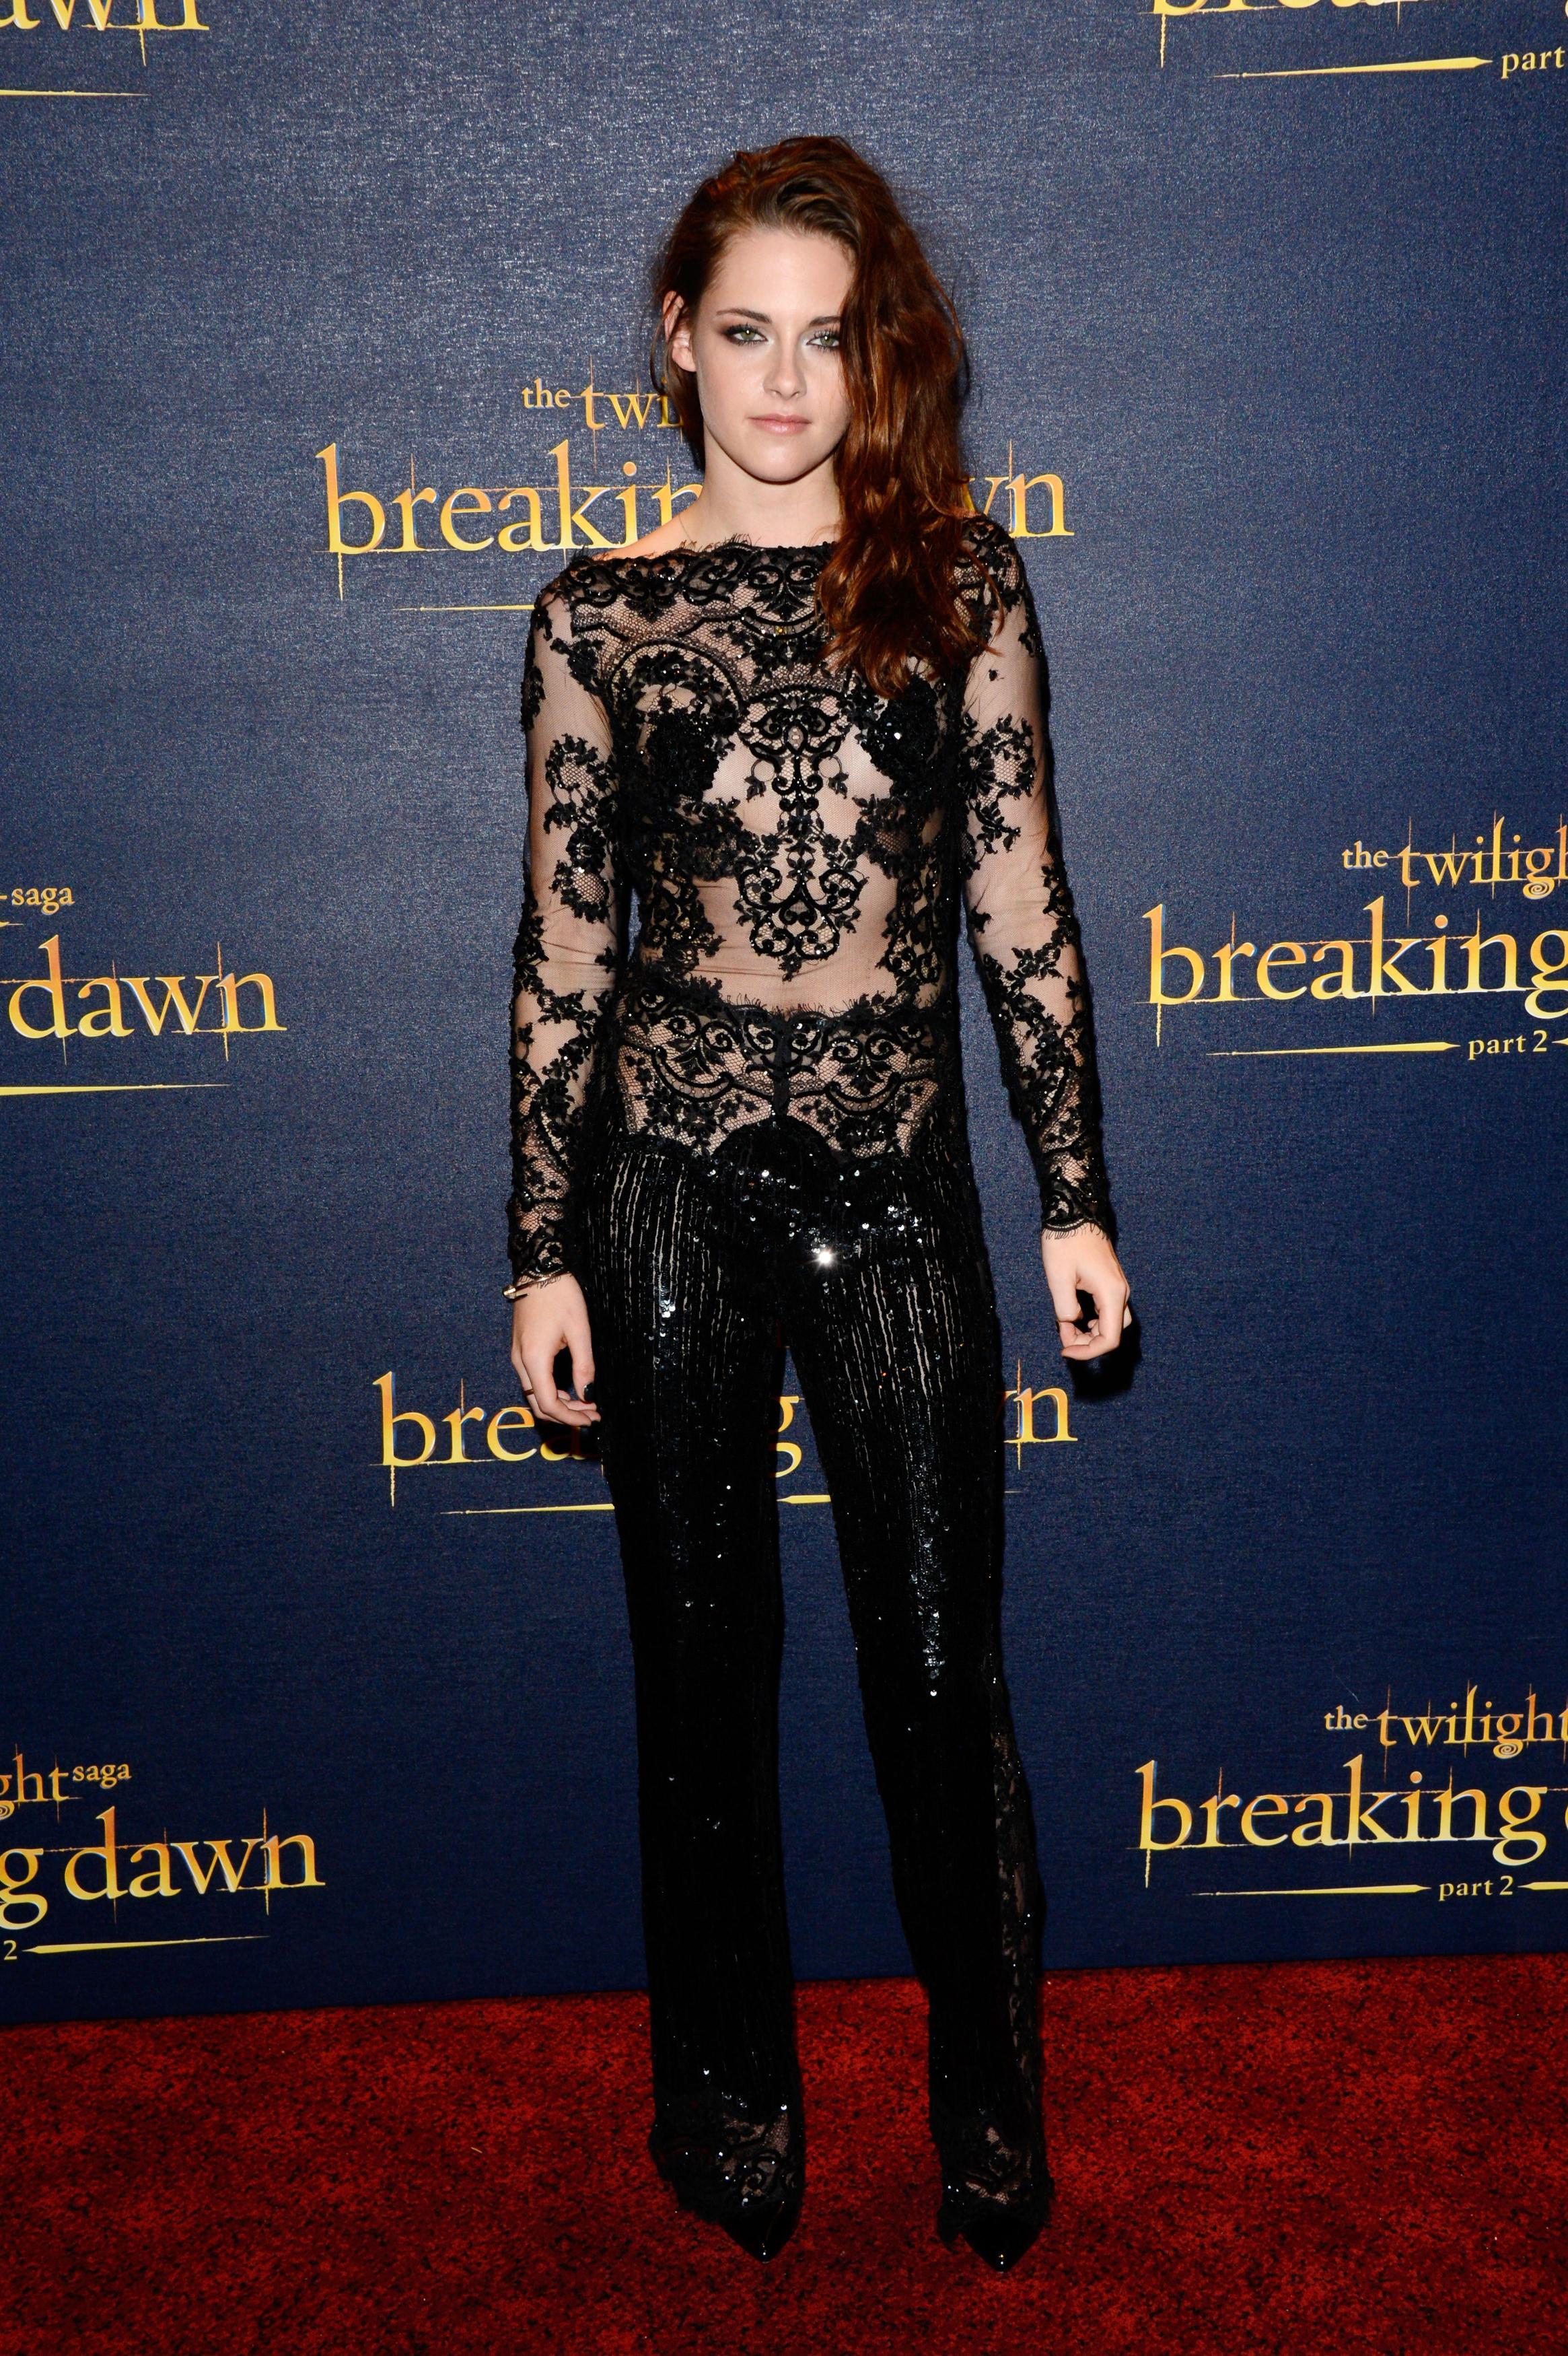 Kristen Stewart style